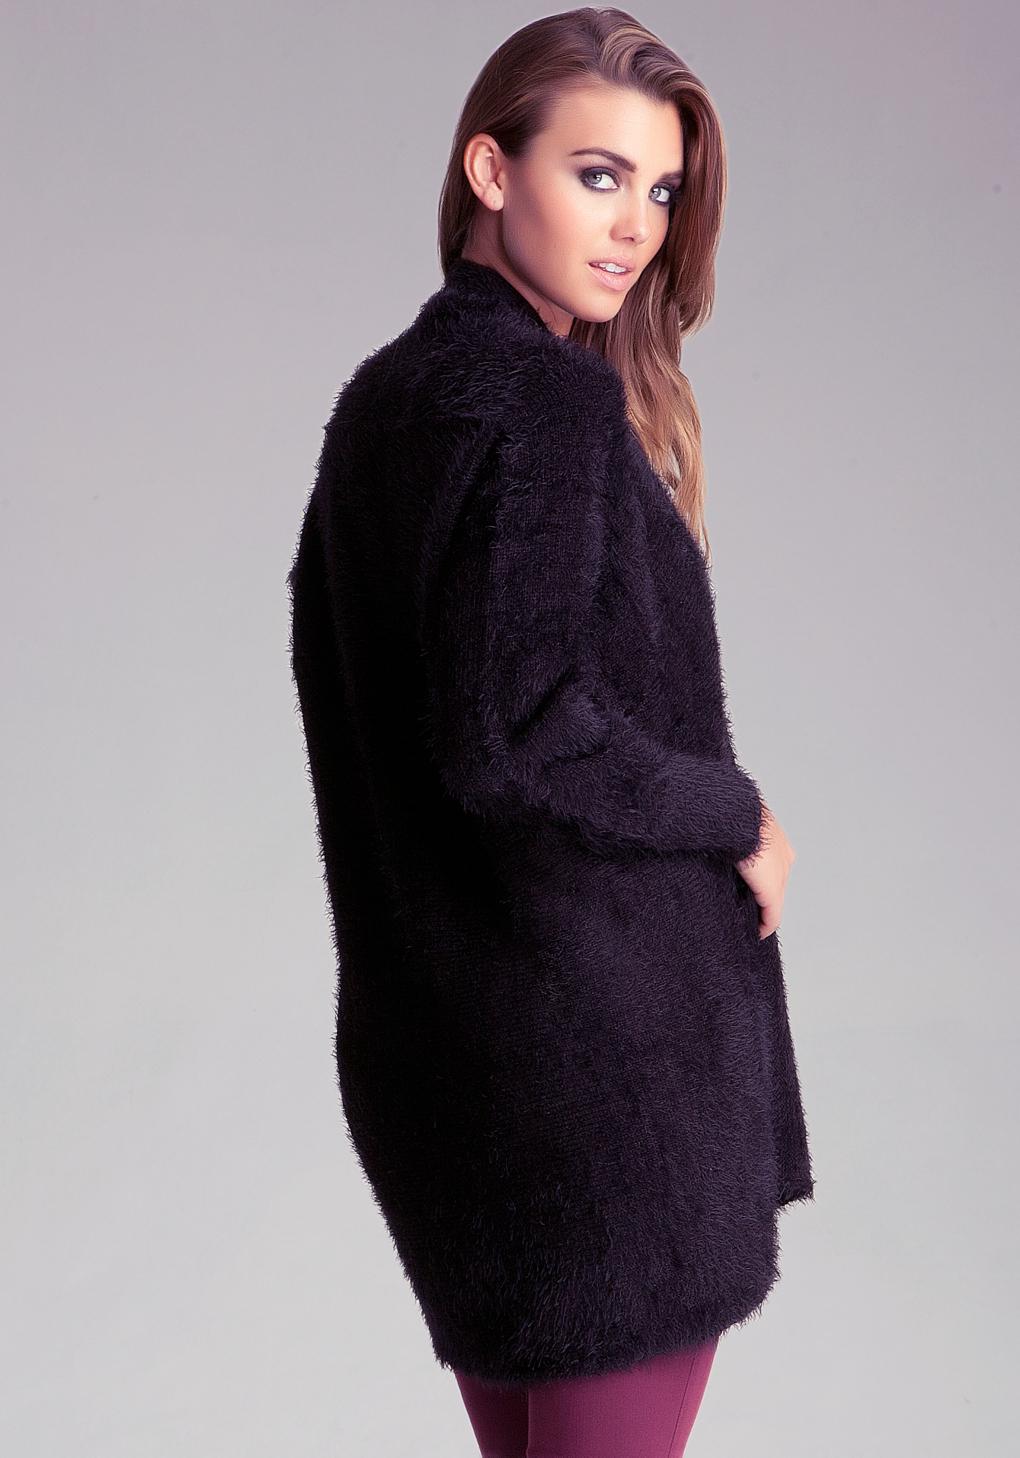 Bebe Fuzzy Sweater Cardigan in Black   Lyst